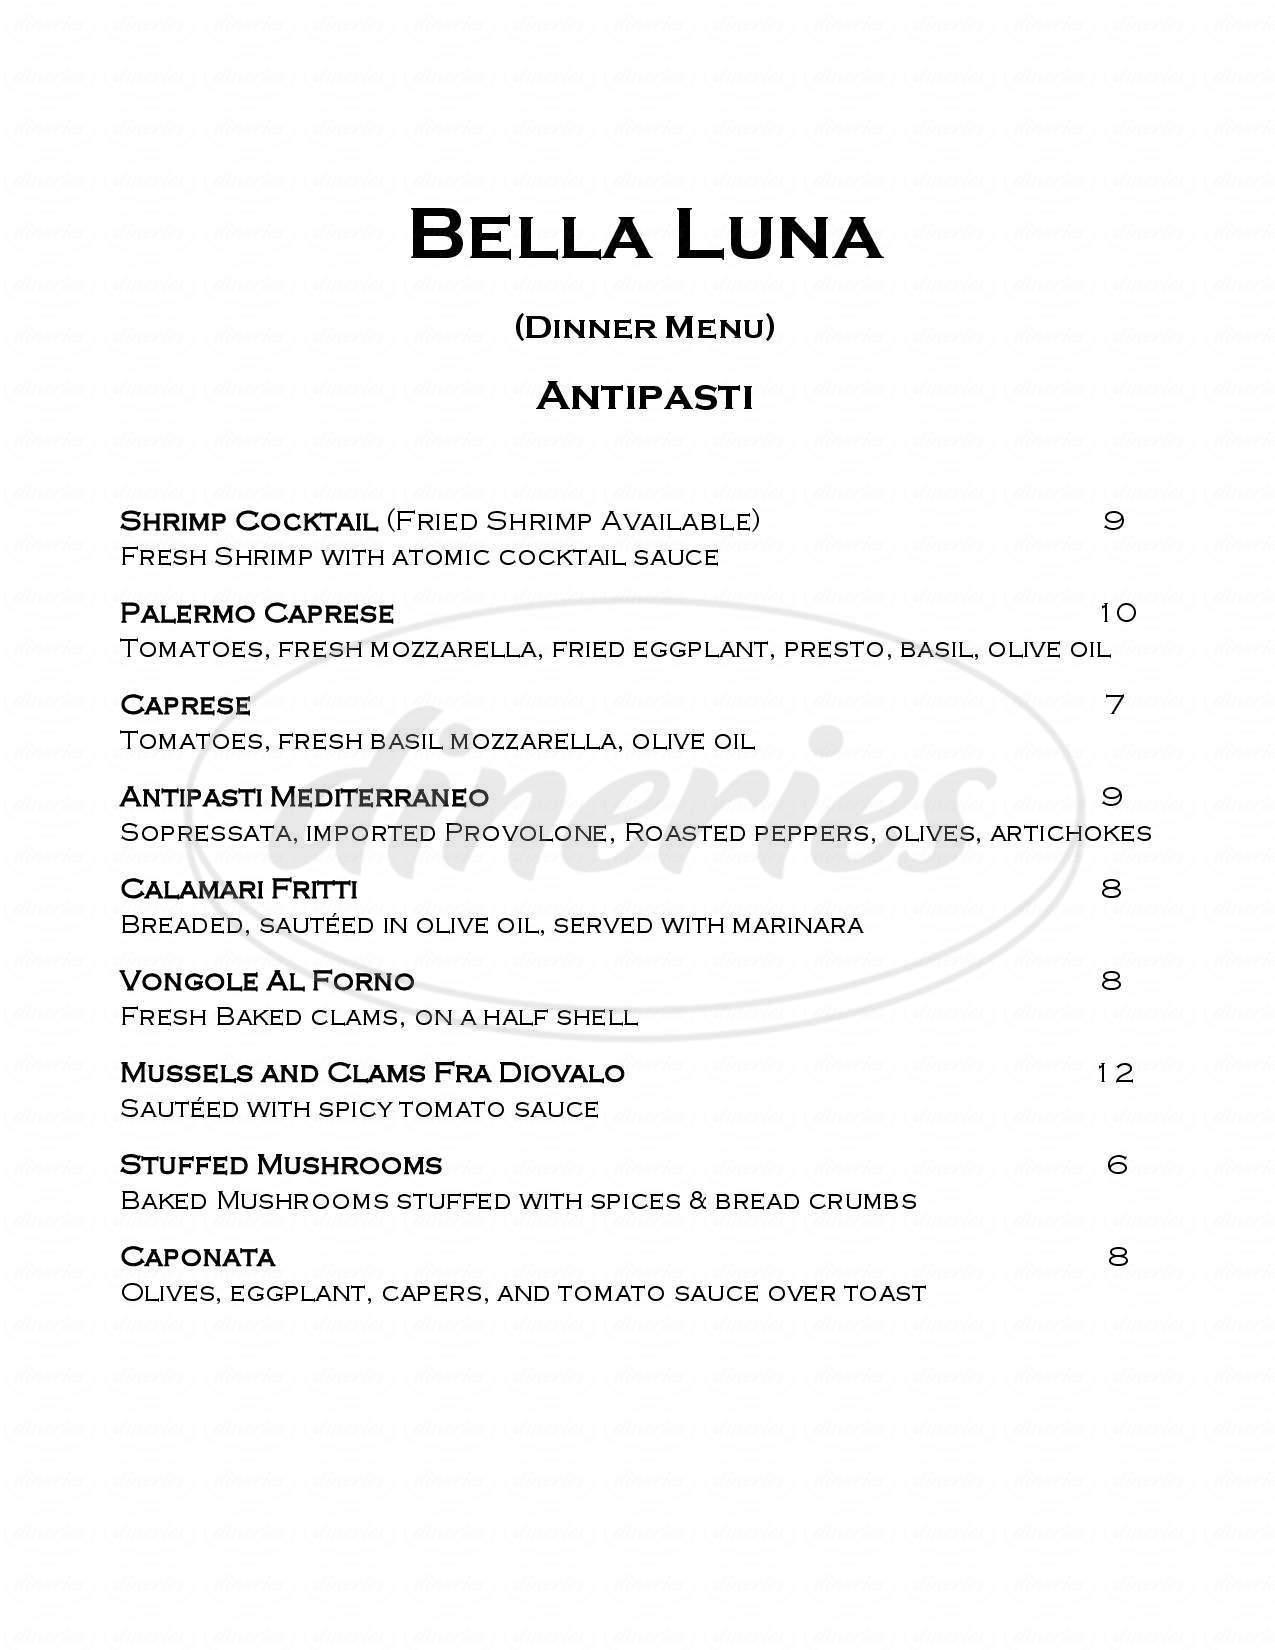 menu for Bella Luna Ristorante